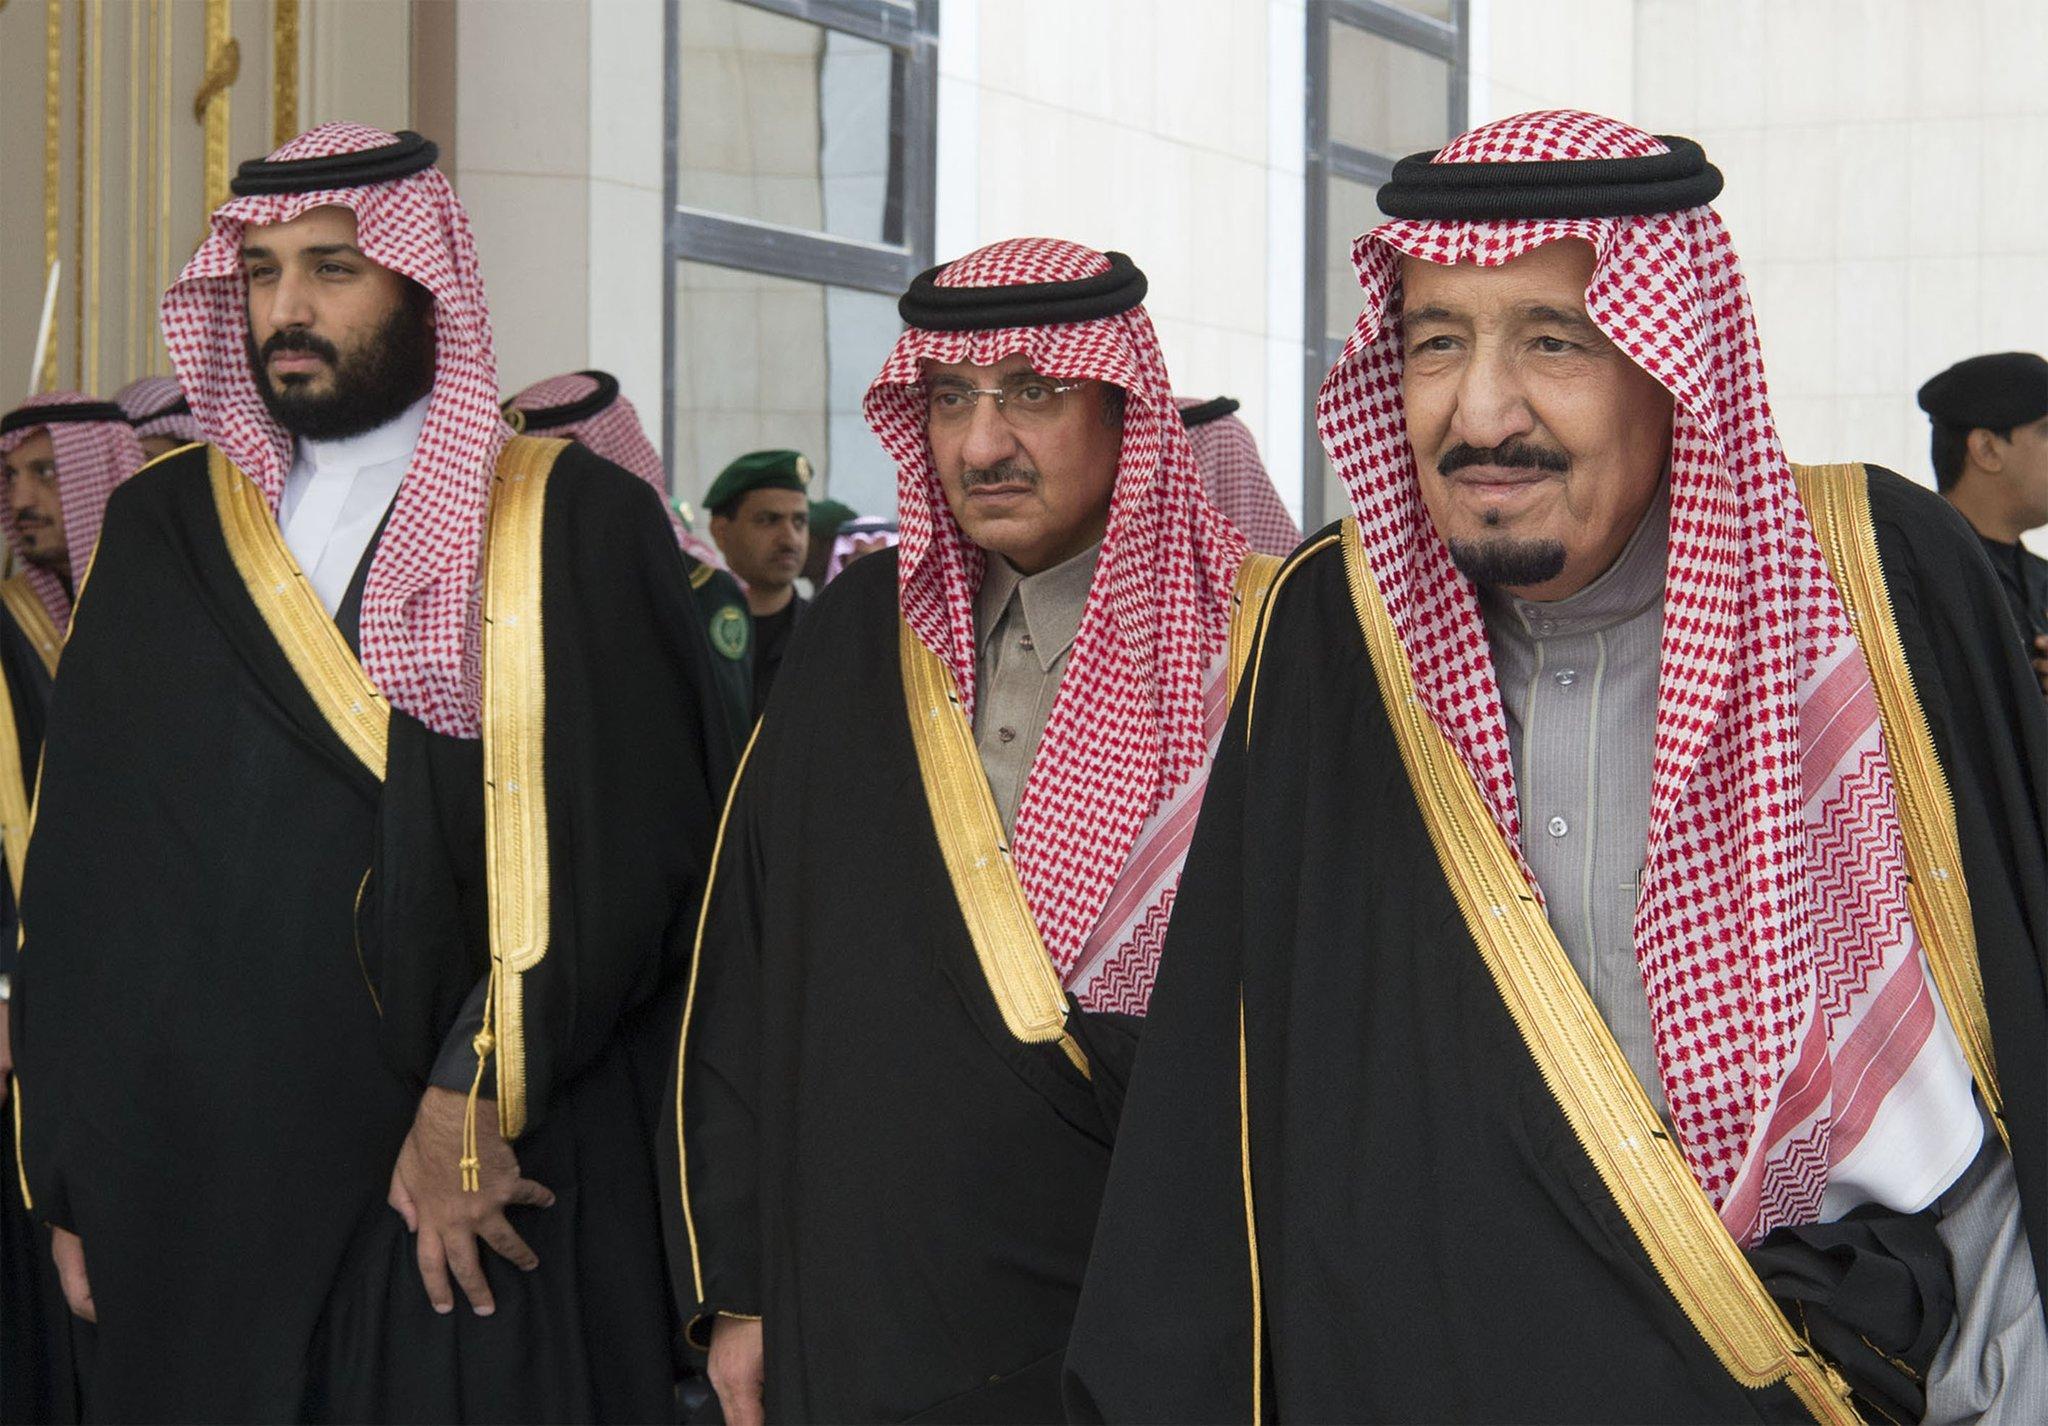 La storia della potente famiglia Saud e la loro amicizia con gli Stati Uniti